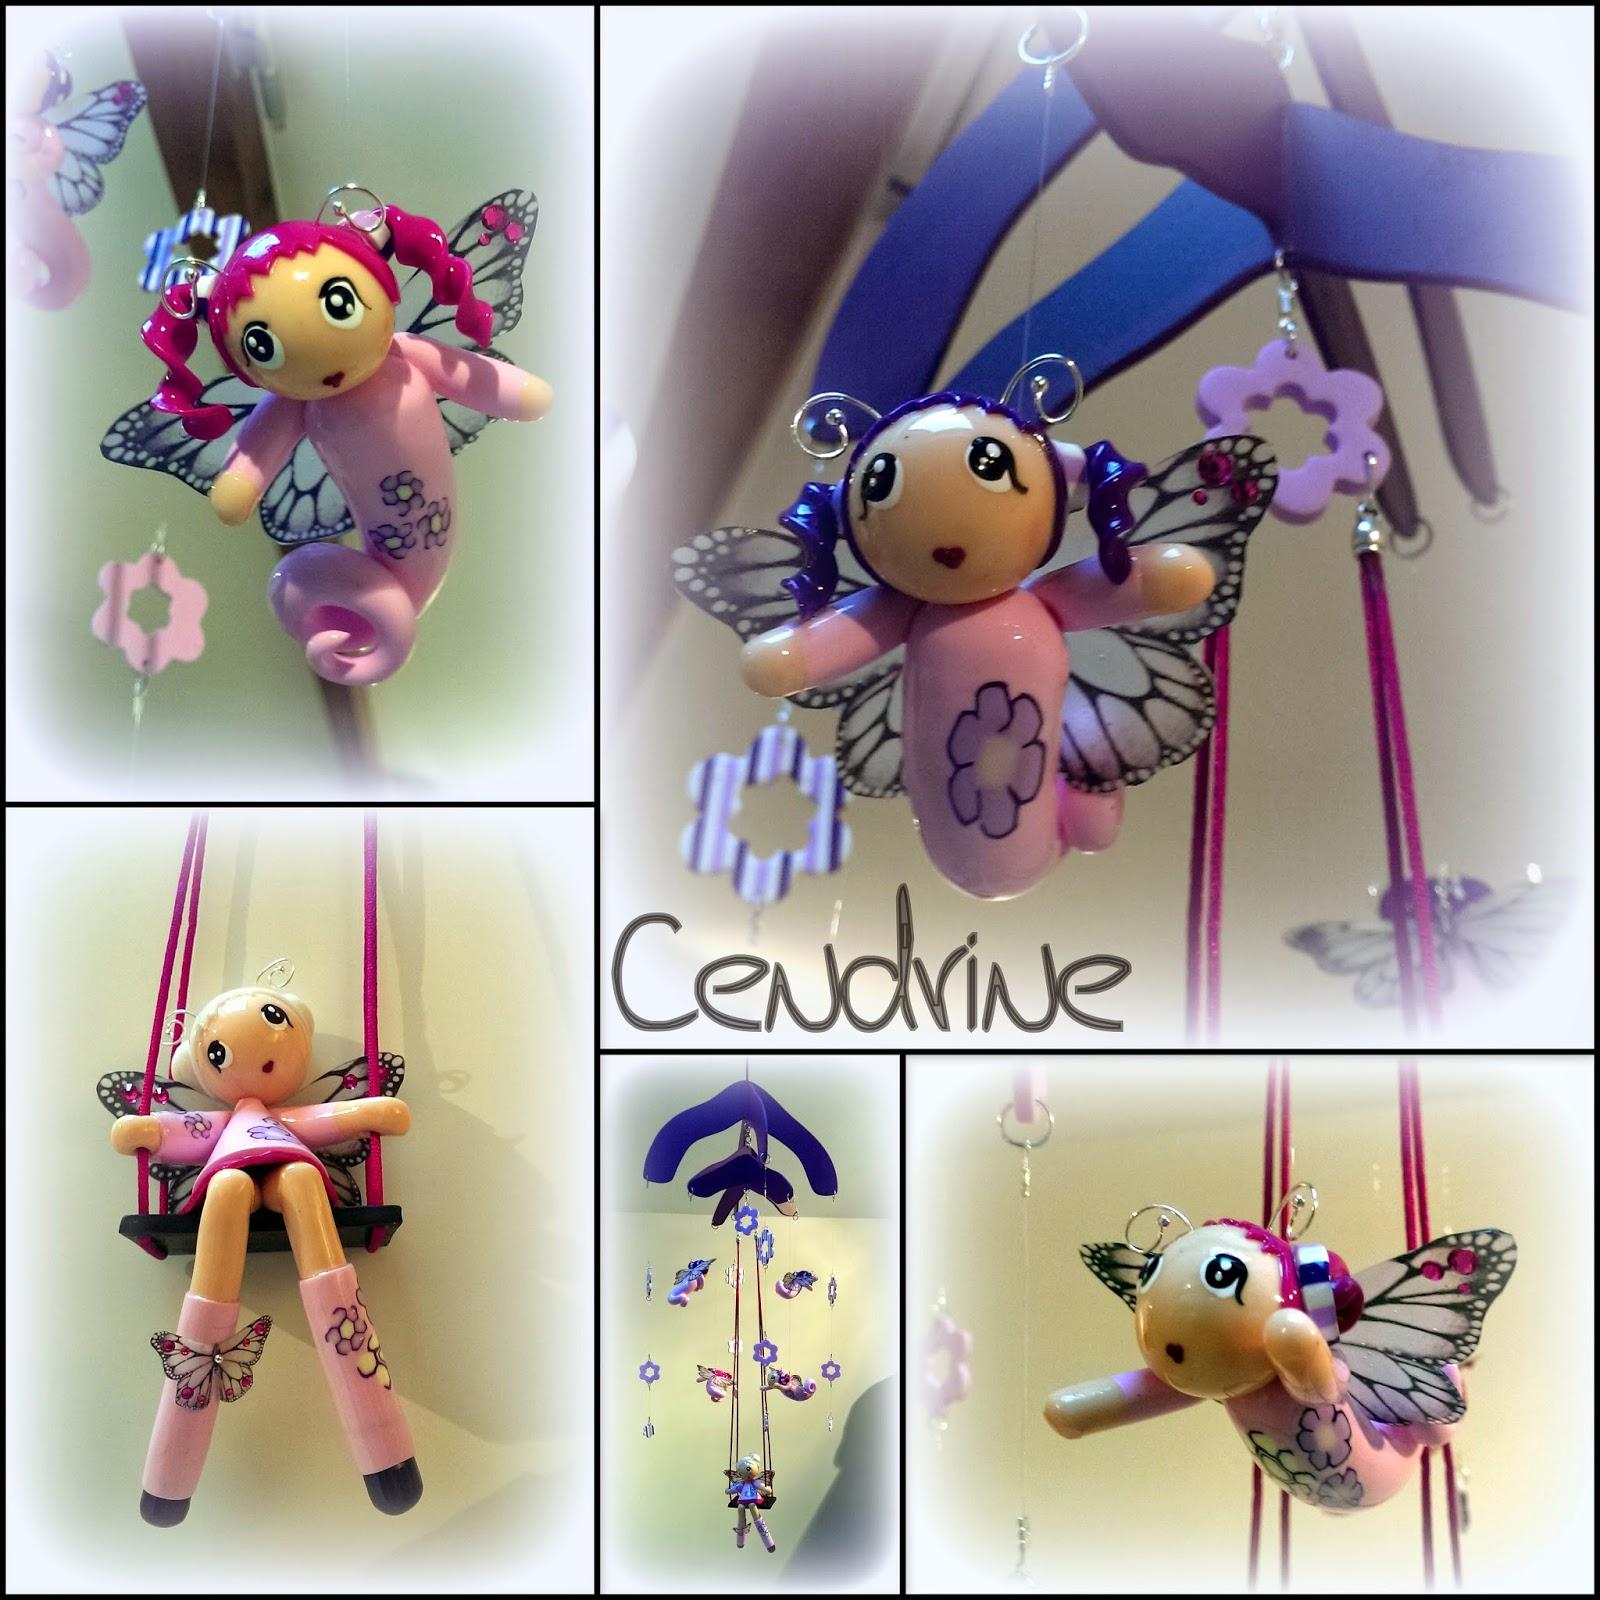 http://1.bp.blogspot.com/-mXiRWALUwTU/UzGX2cg2hBI/AAAAAAAABBc/MxMU1O8m-lY/s1600/Nouveau+dossier31.jpg